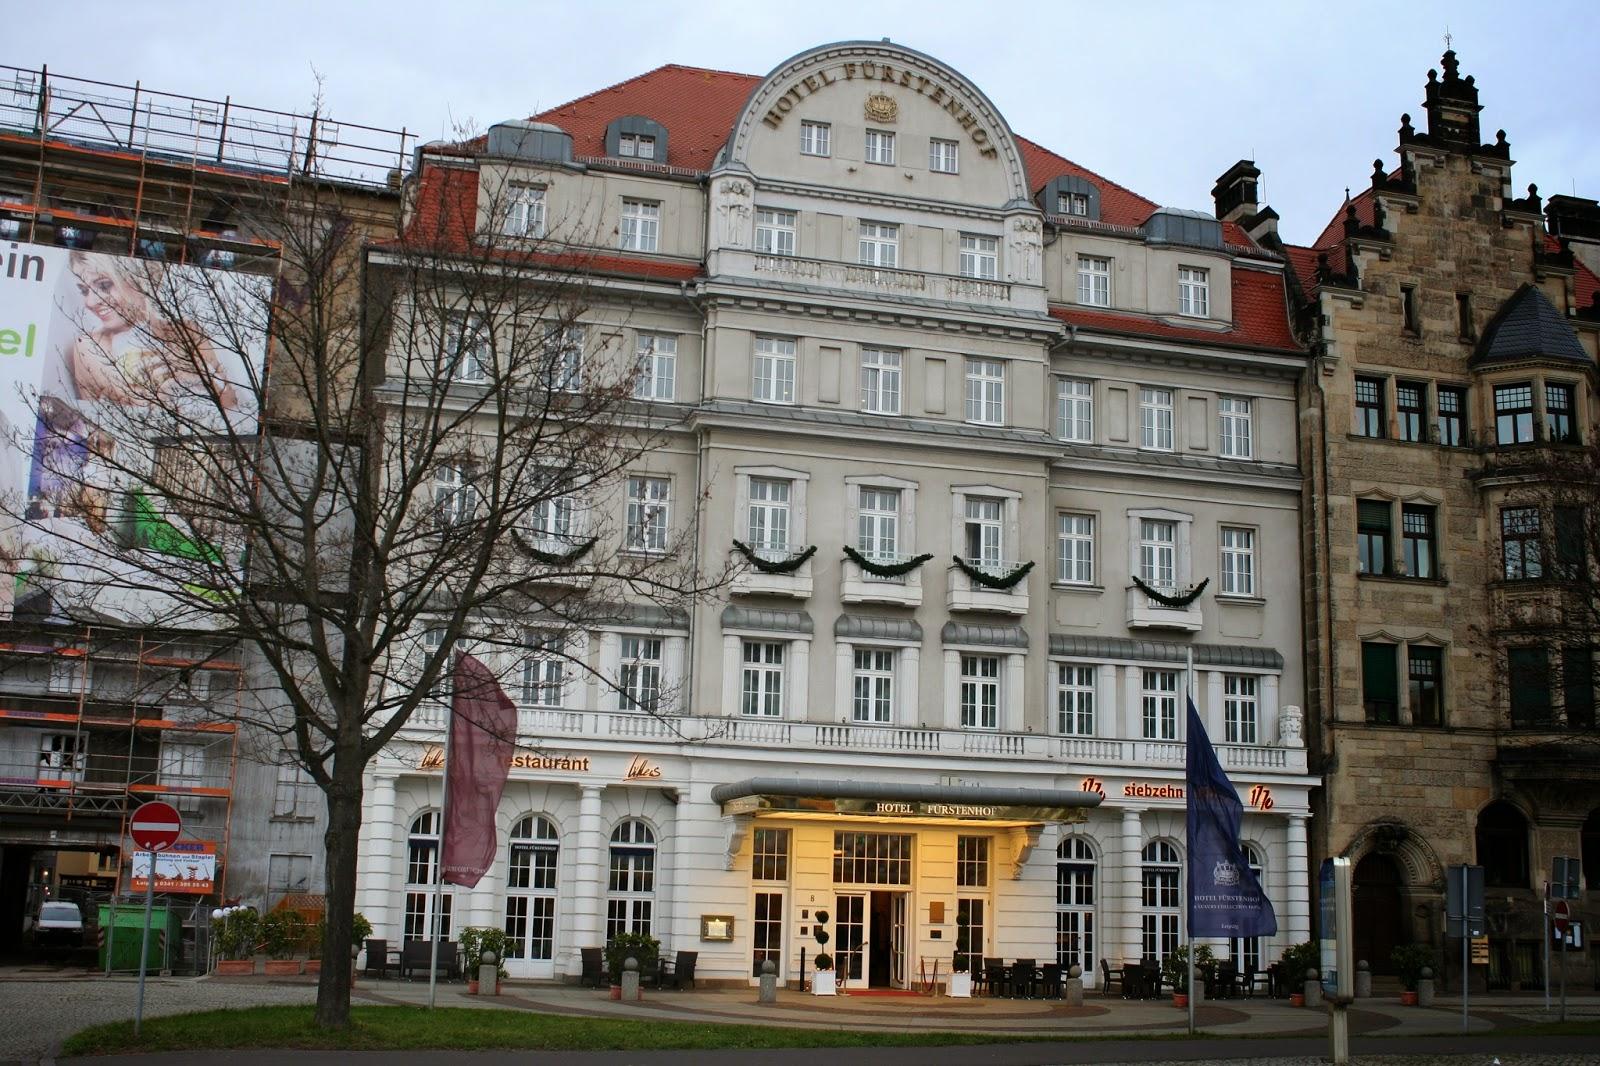 """Das Gebäude wurde 1777/78 als Wohnhaus eines Bankiers gebaut - seit 1889 wurde das Palais als """"Hotel"""" genutzt und bei einem Umbau 1913 aufgestockt, 1990 wurde eine Renovierung vorgenommen"""